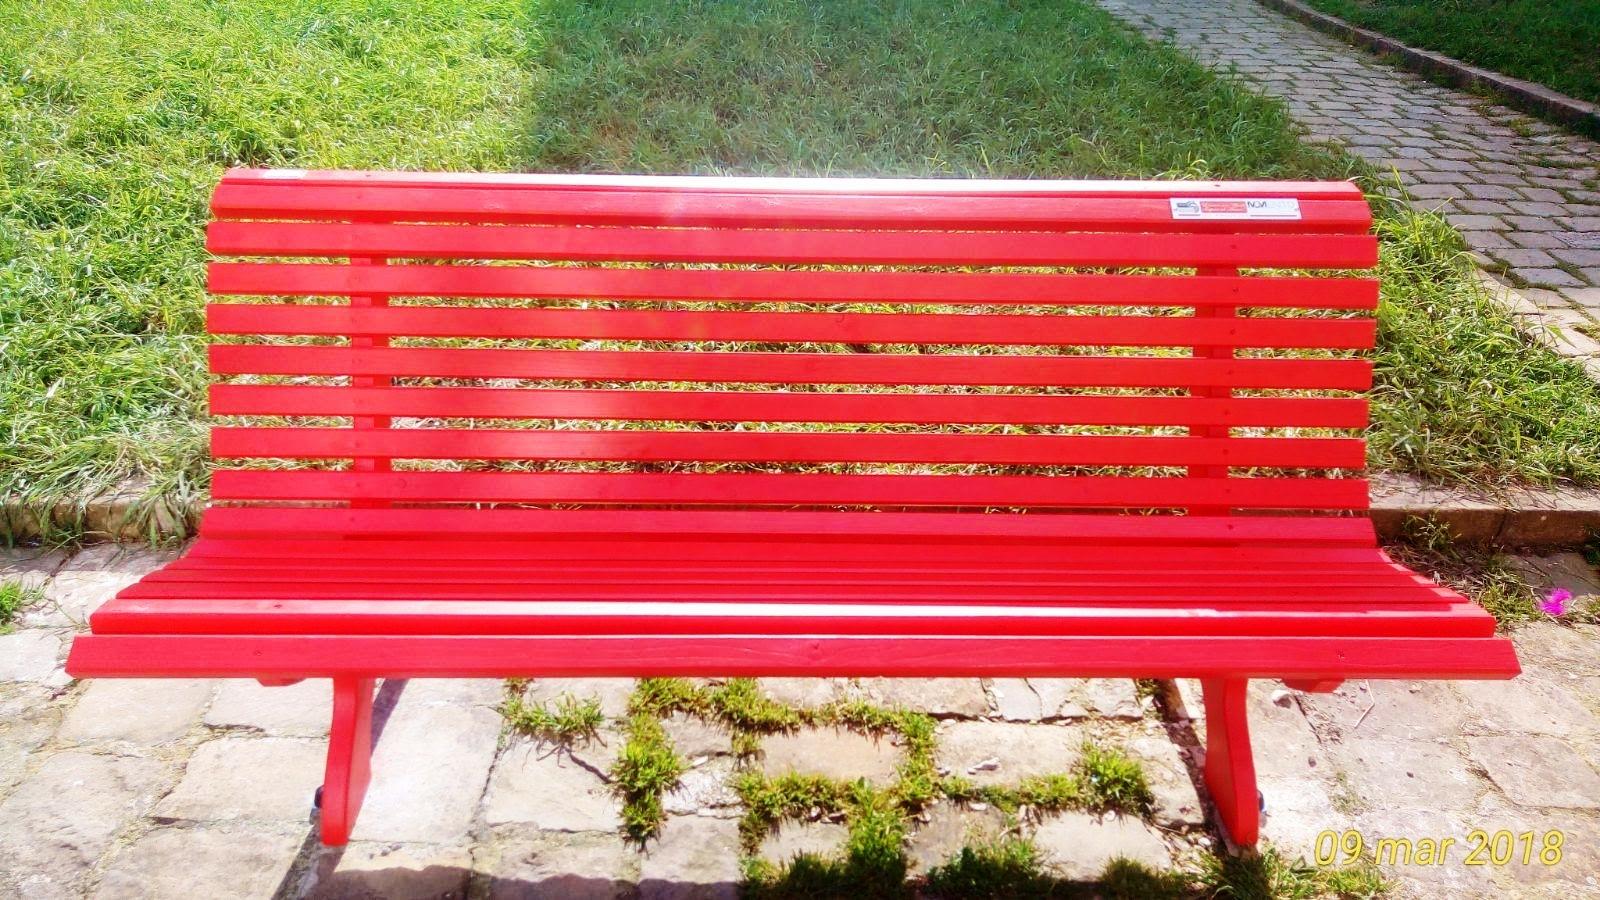 panchina rossa foto